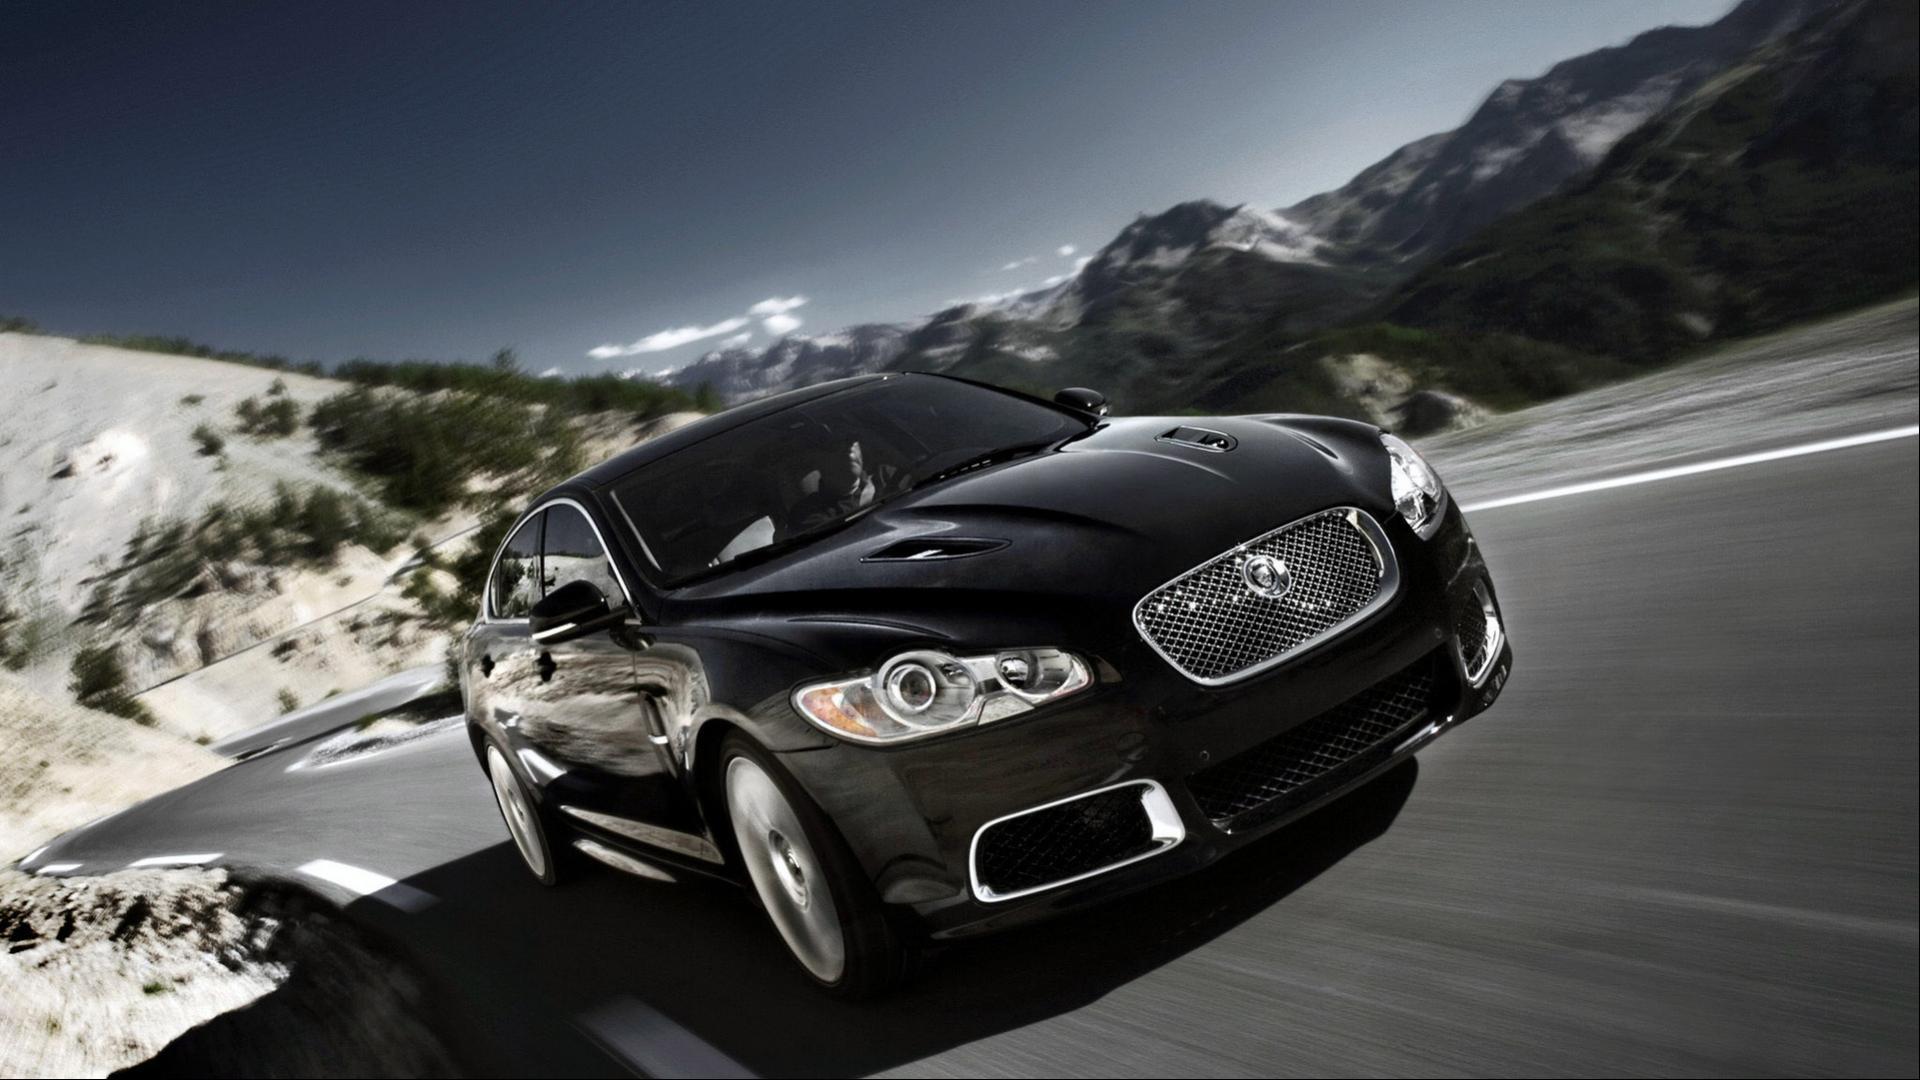 Captivating Jaguar Cars Wallpaper Desktop Hd Pics Widescreen Car For Pc Iphone .